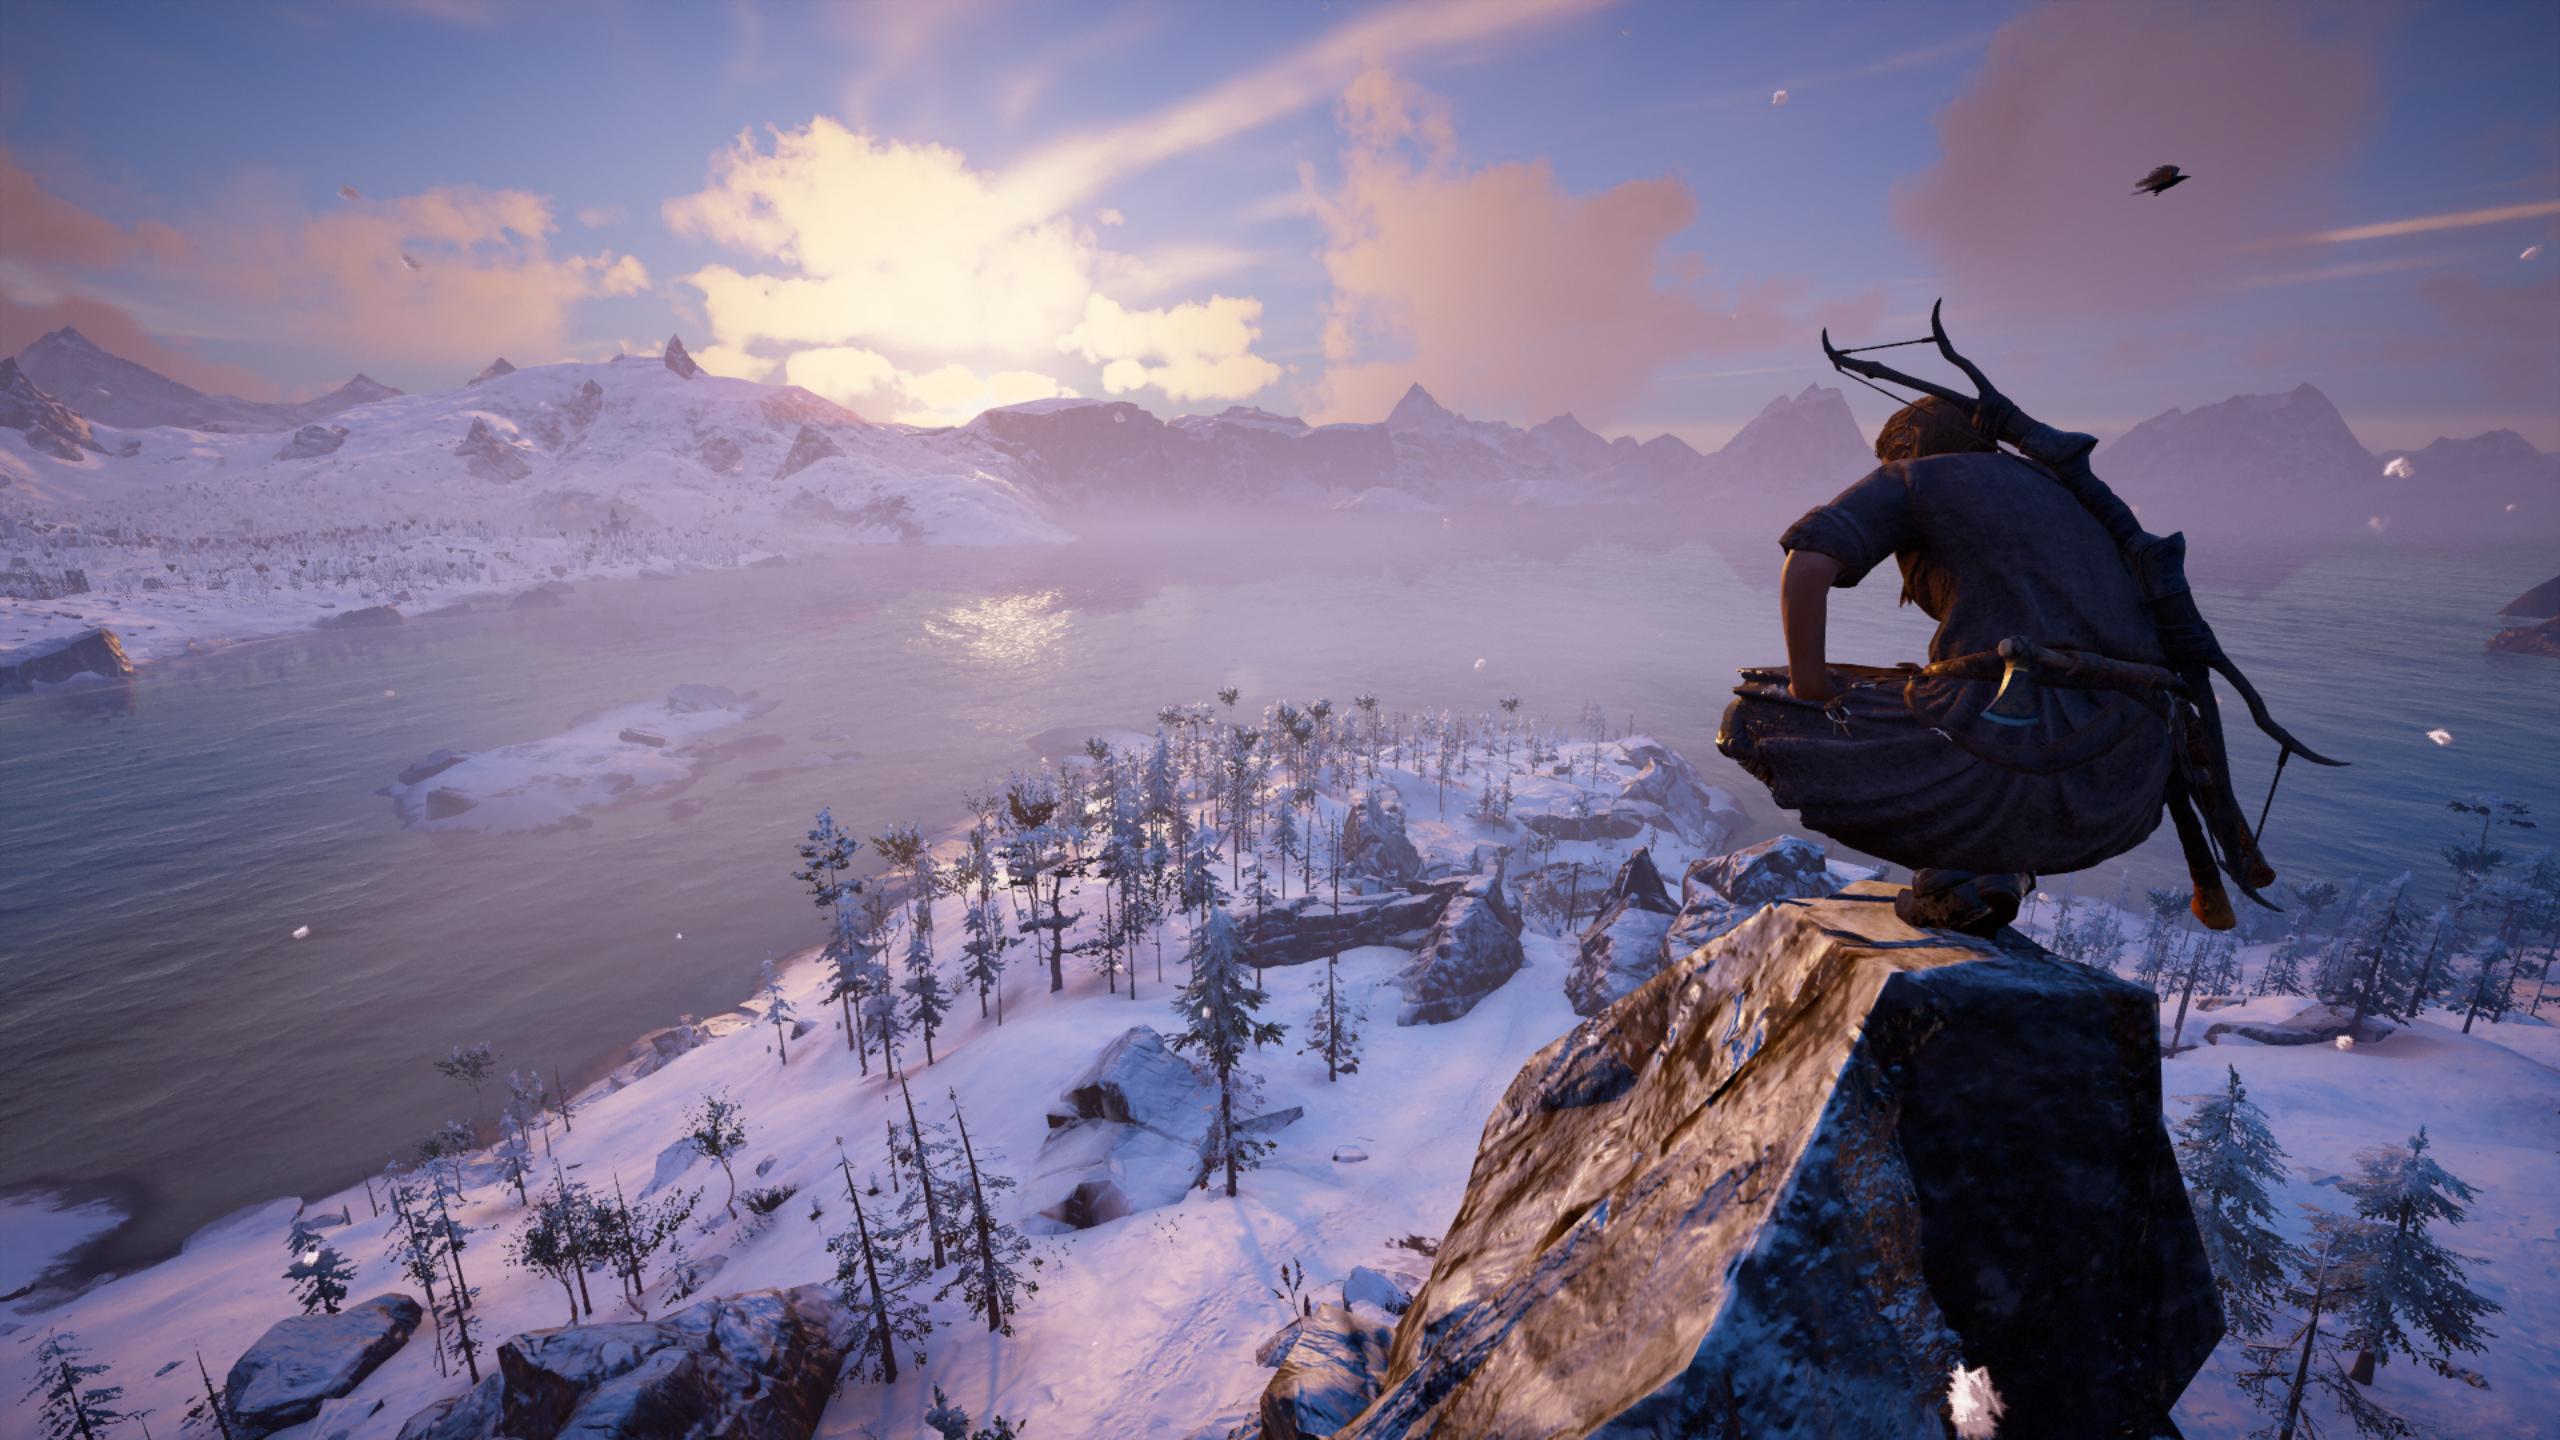 Assassin's Creed Valhalla beginner's guide